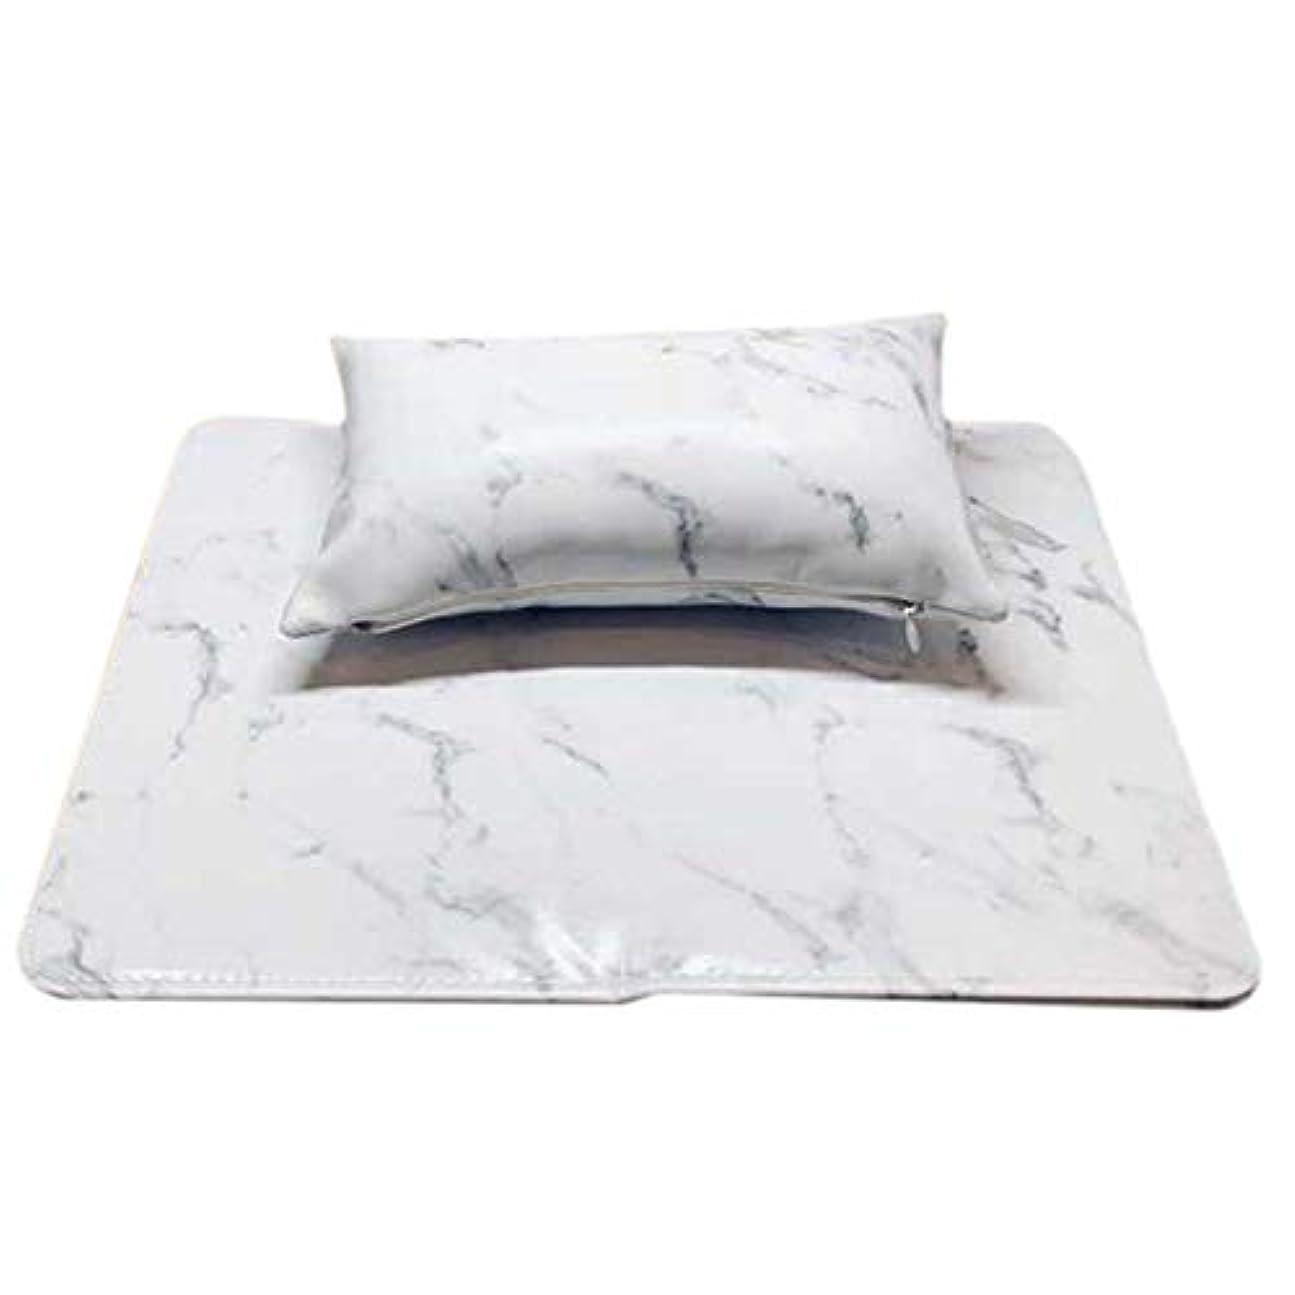 あさり横たわる医師CUHAWUDBA マニキュアツール ソフトハンドクッション枕とパッドレストネイルアートアームレストホルダー マニキュアネイルアートアクセサリーレザー(2個 一体化)ホワイト